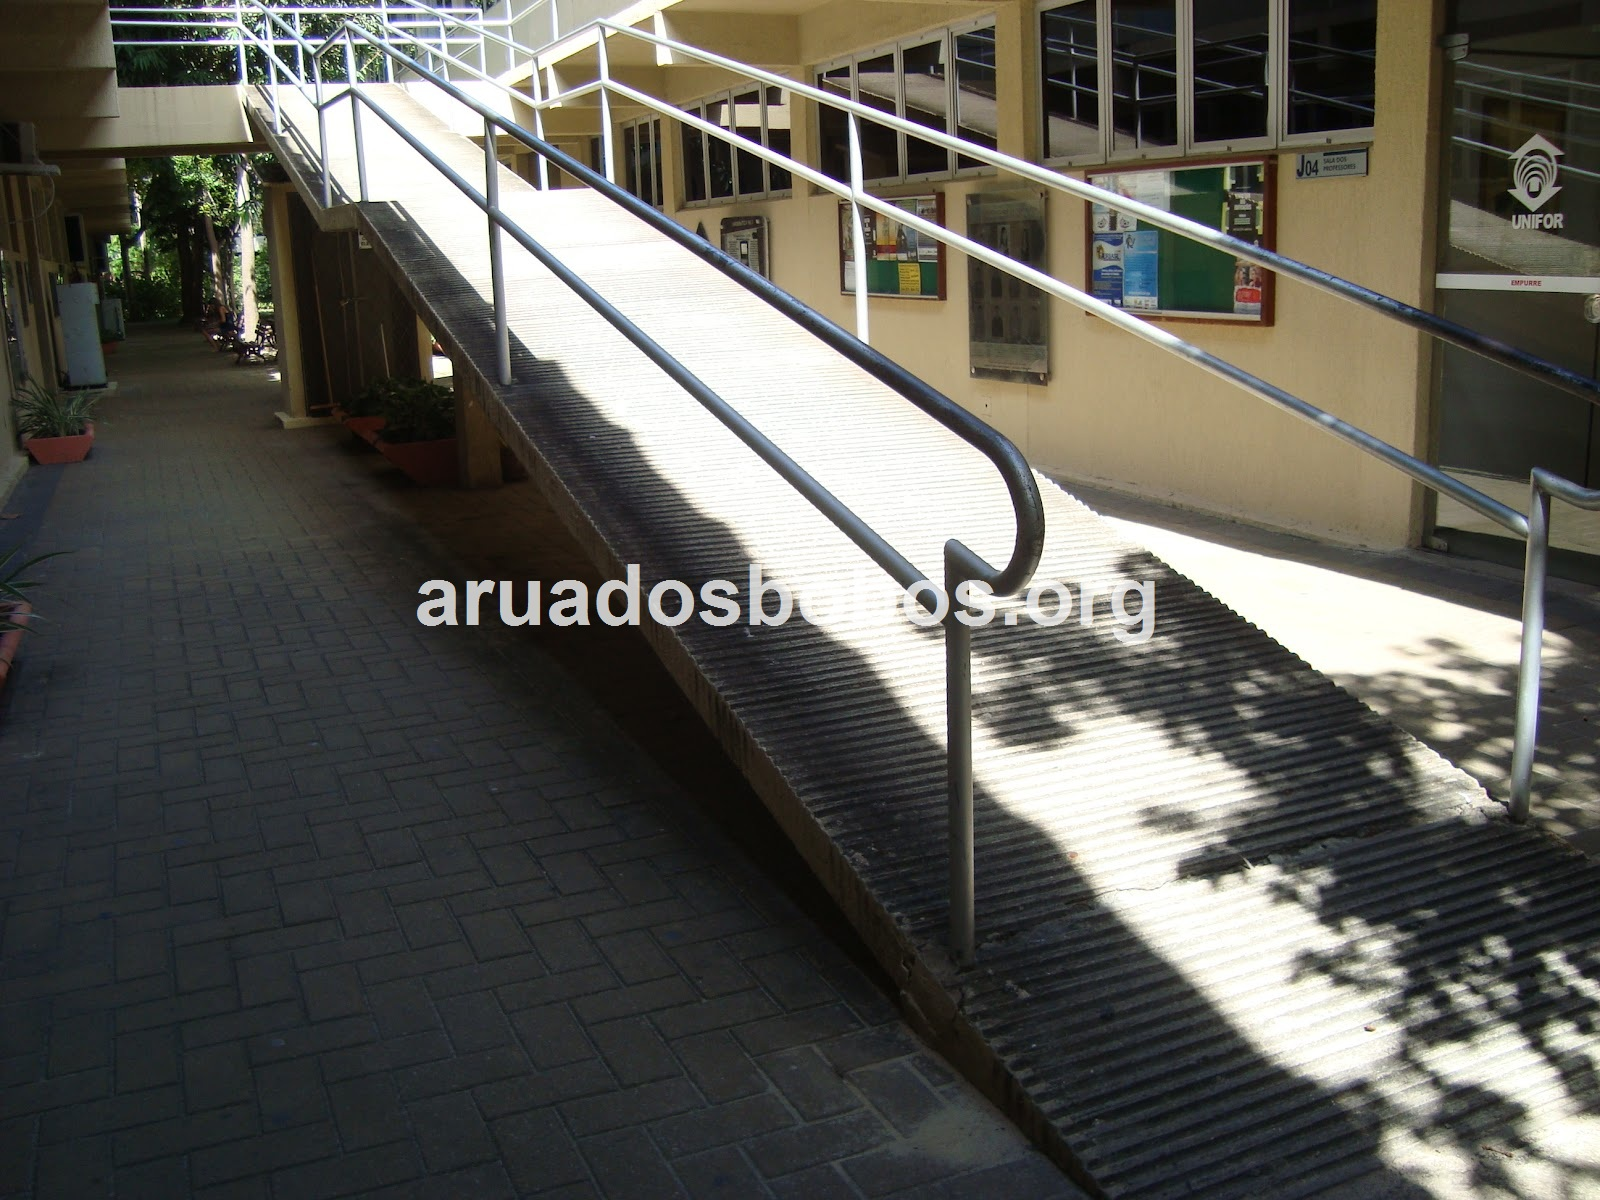 Rua dos Bobos: Acessibilidade na Unifor. Cadê? #7F6F4C 1600x1200 Banheiro Cadeirante Abnt